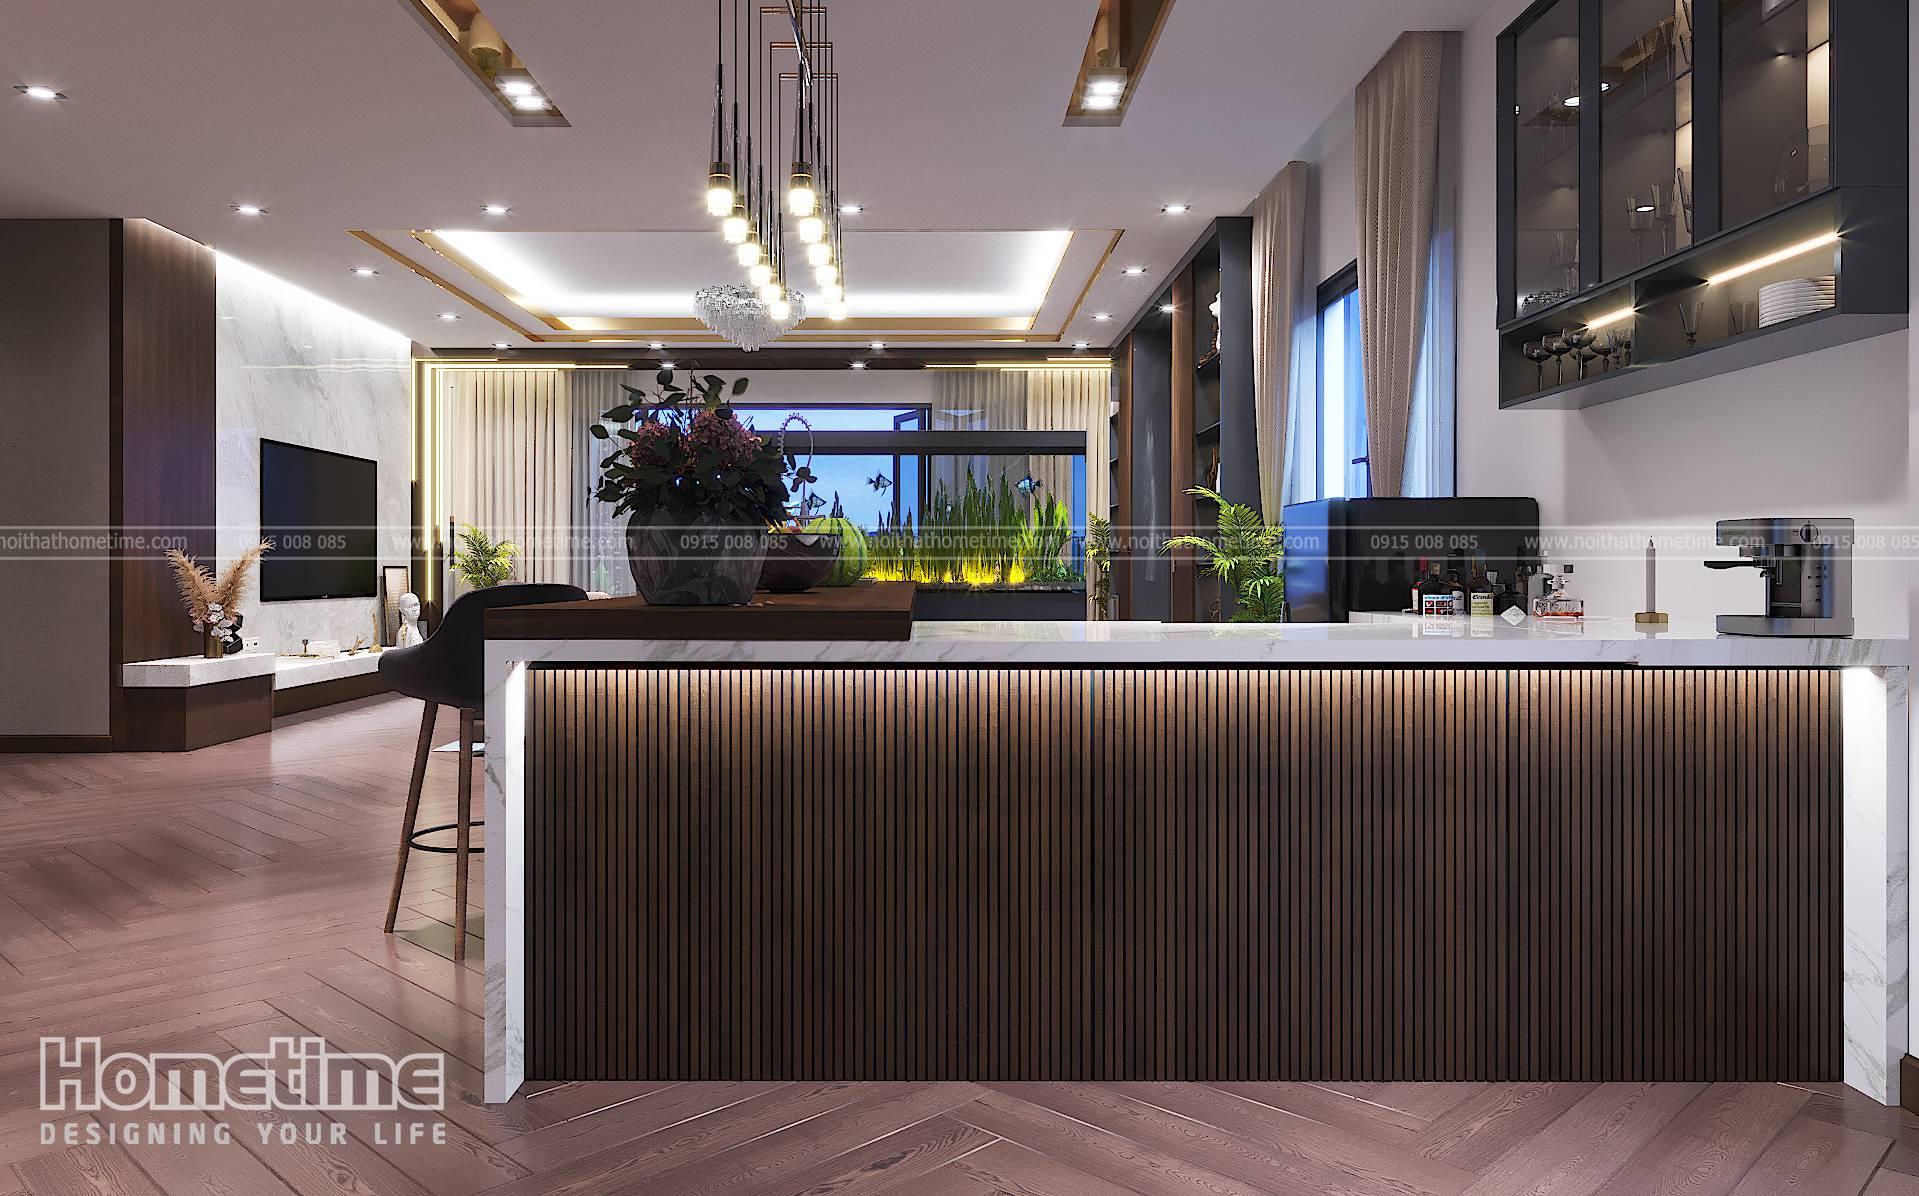 Thiết kế nội thất phòng bếp với xu hướng hiện đại